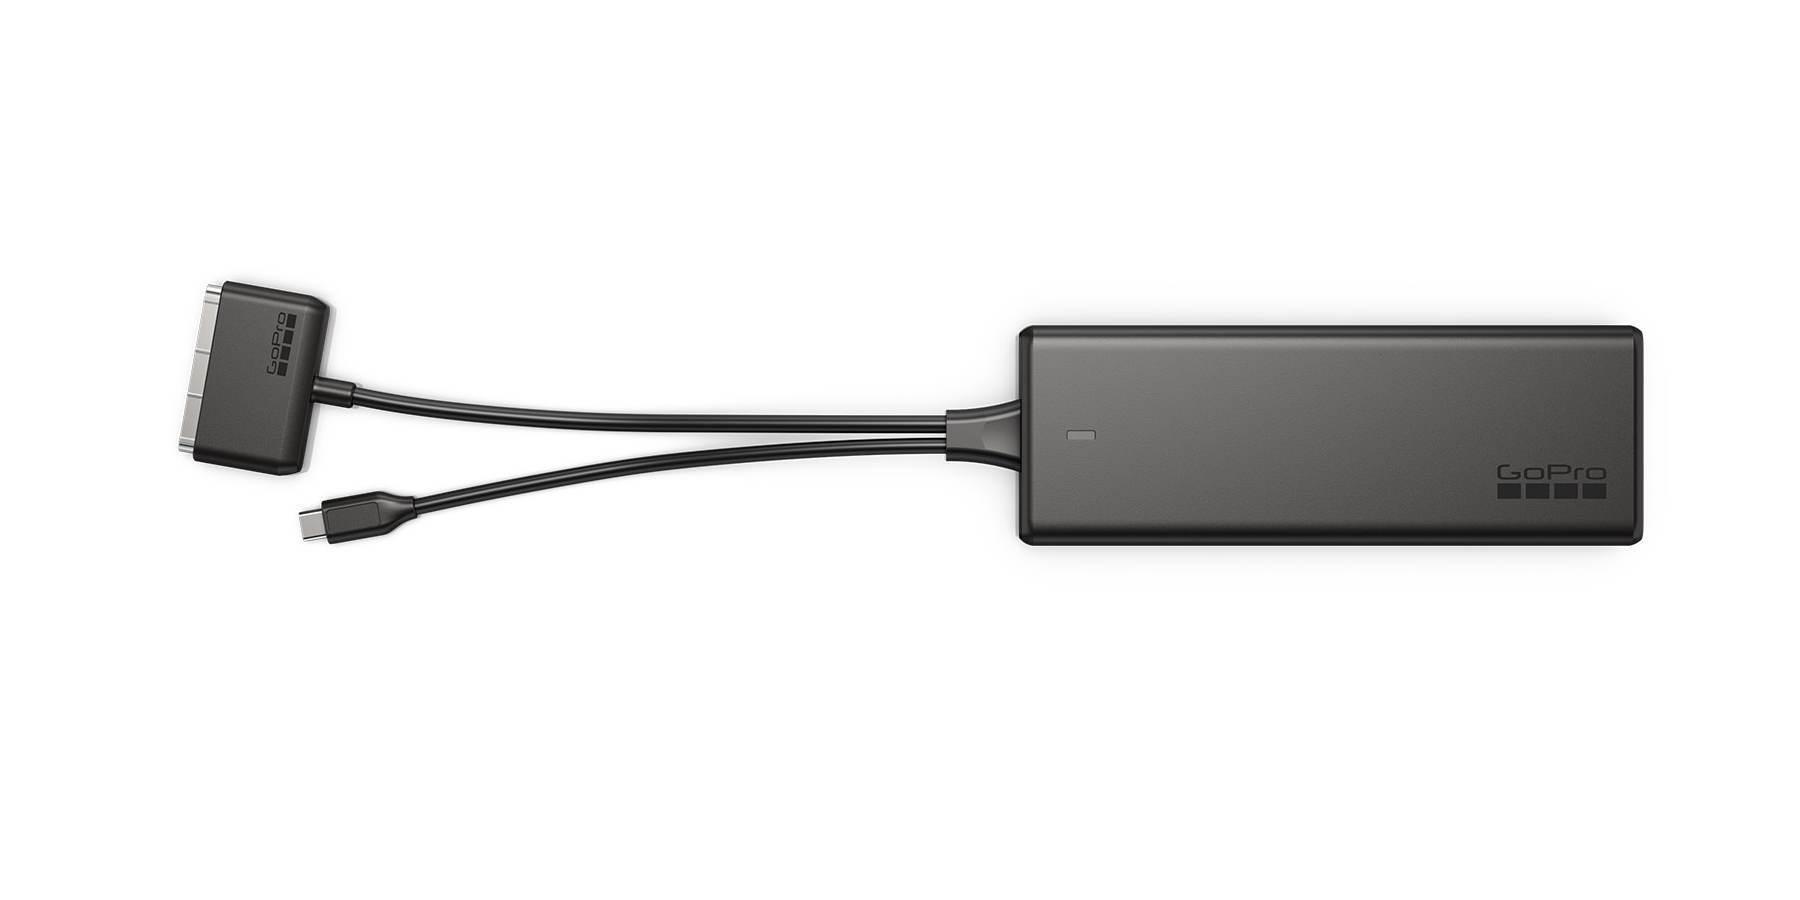 Зарядное устройство GoPro Karma Replacement Wall Charger (RQBLT-002) вид сбоку